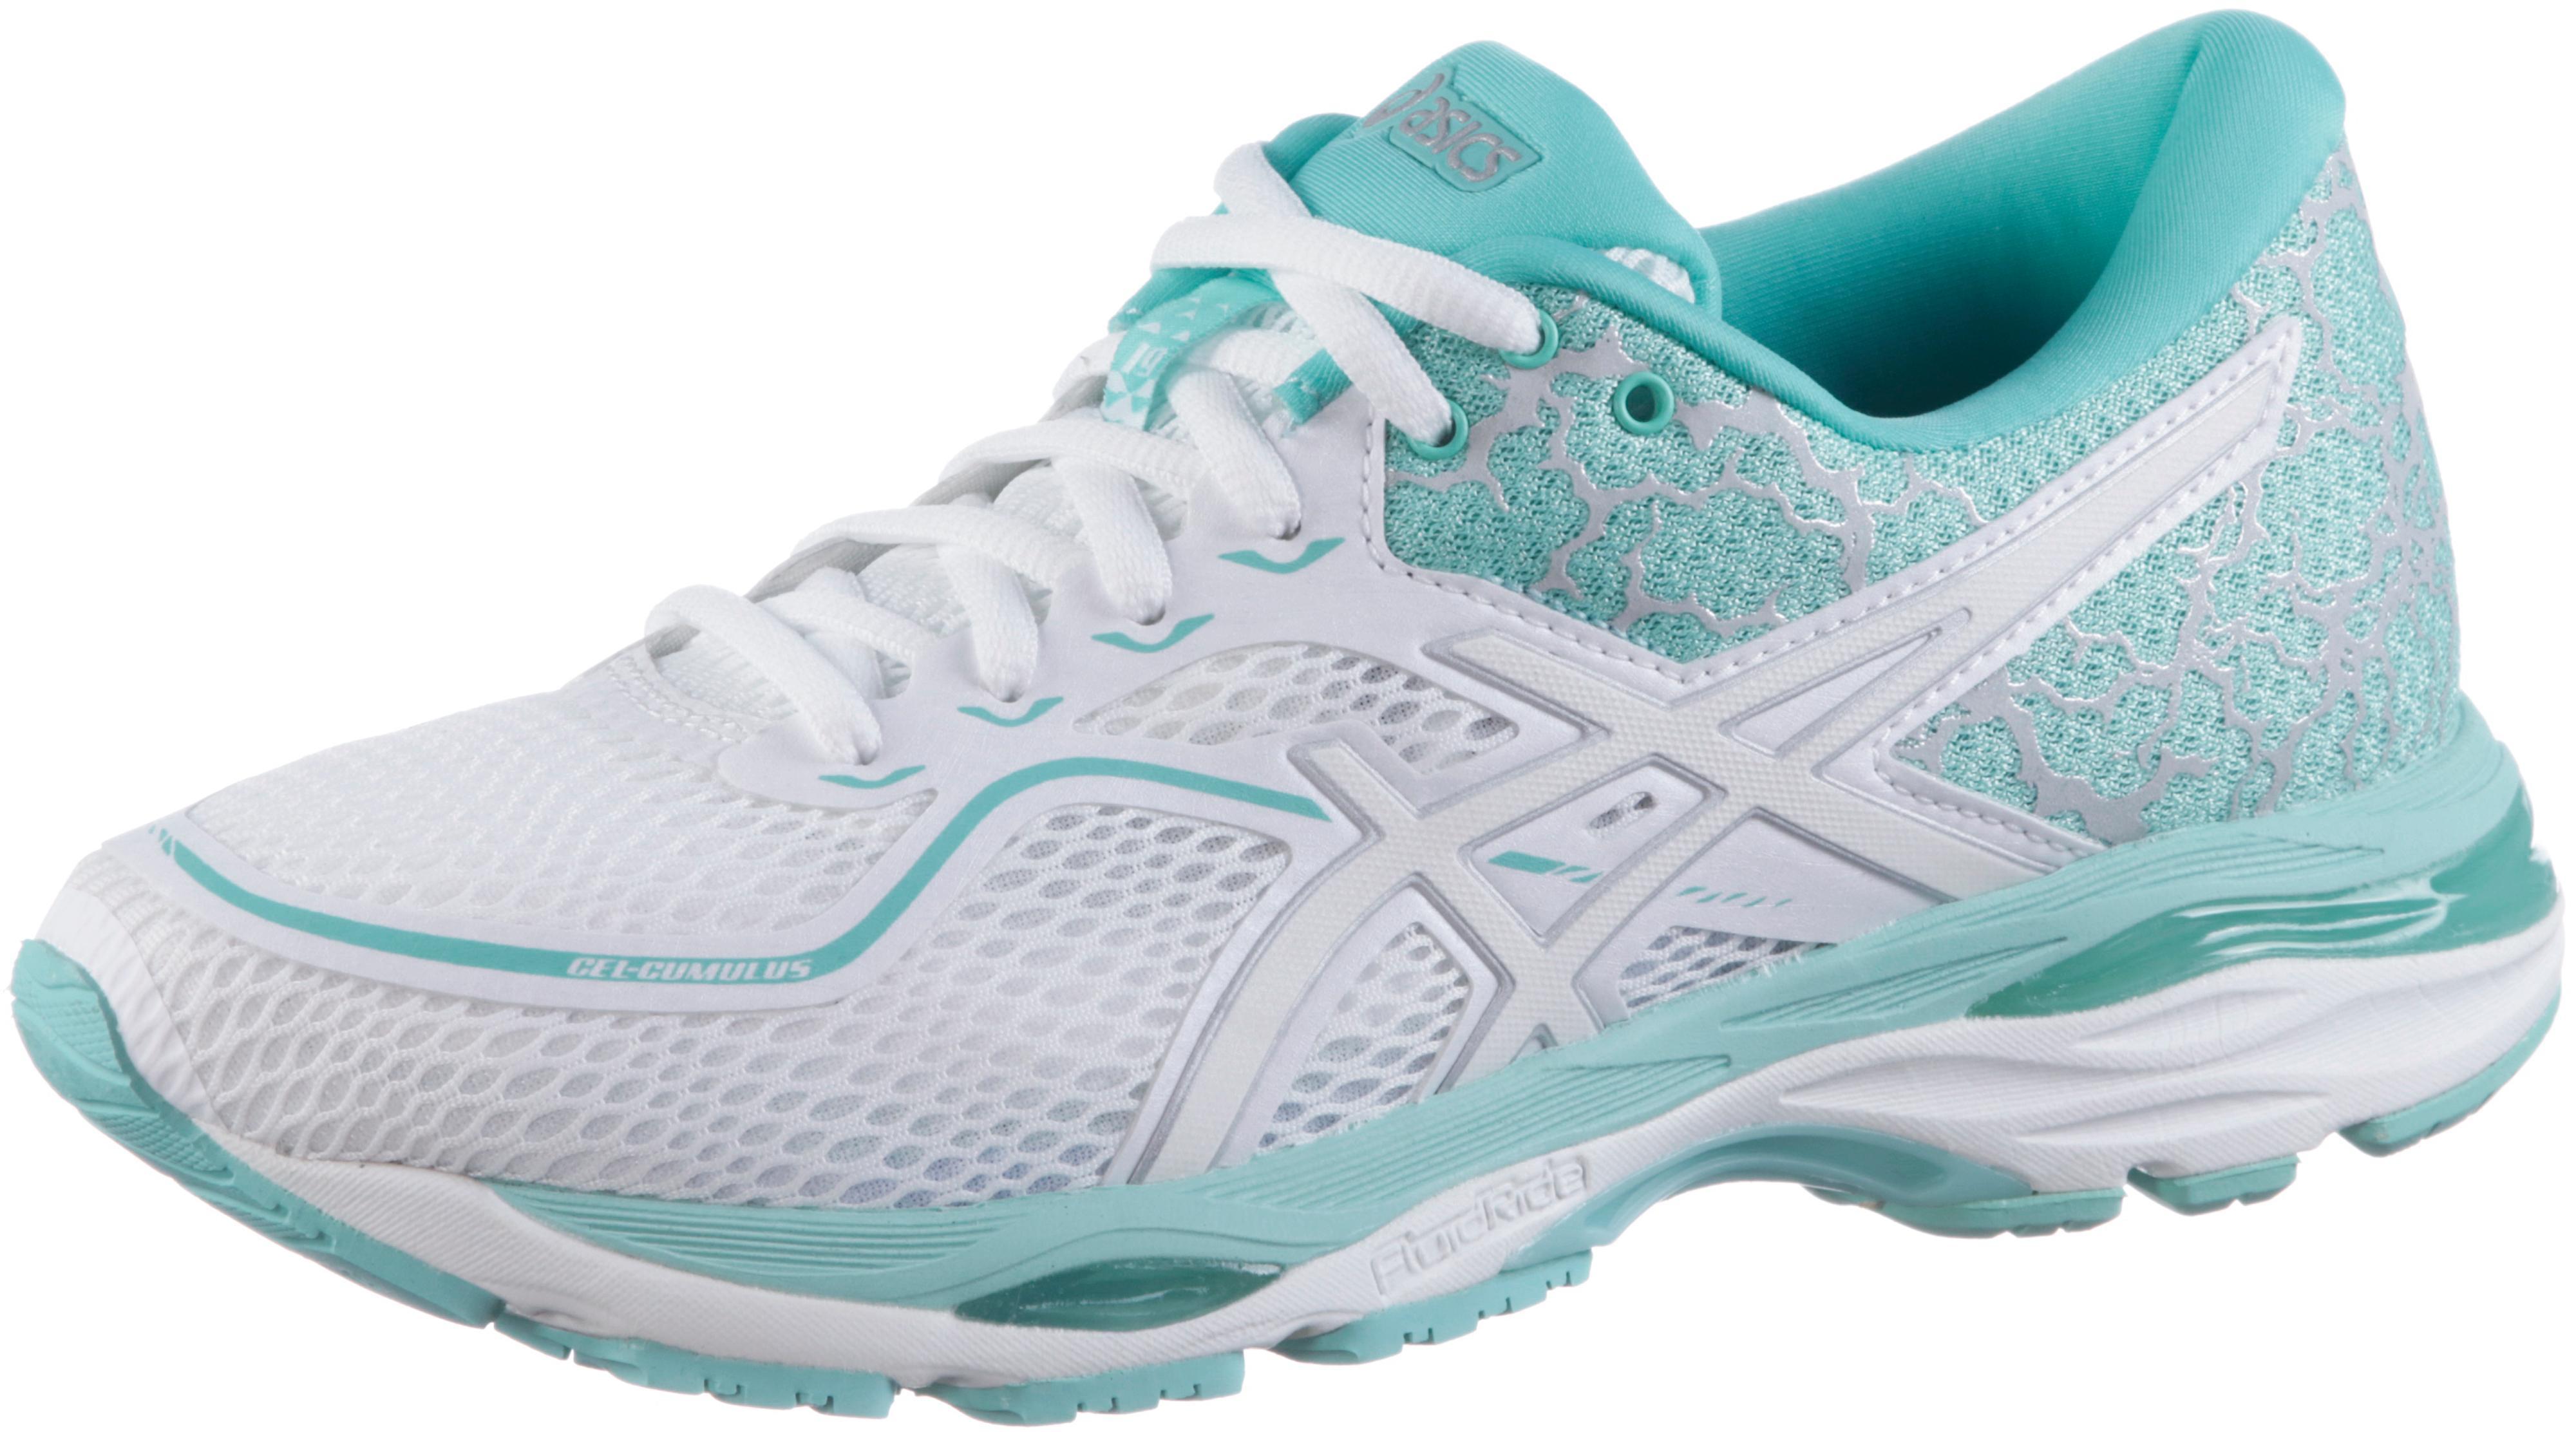 ASICS GEL-CUMULUS 19 LITE-SHOW Laufschuhe Damen white-silver-aruba blue im  Online Shop von SportScheck kaufen